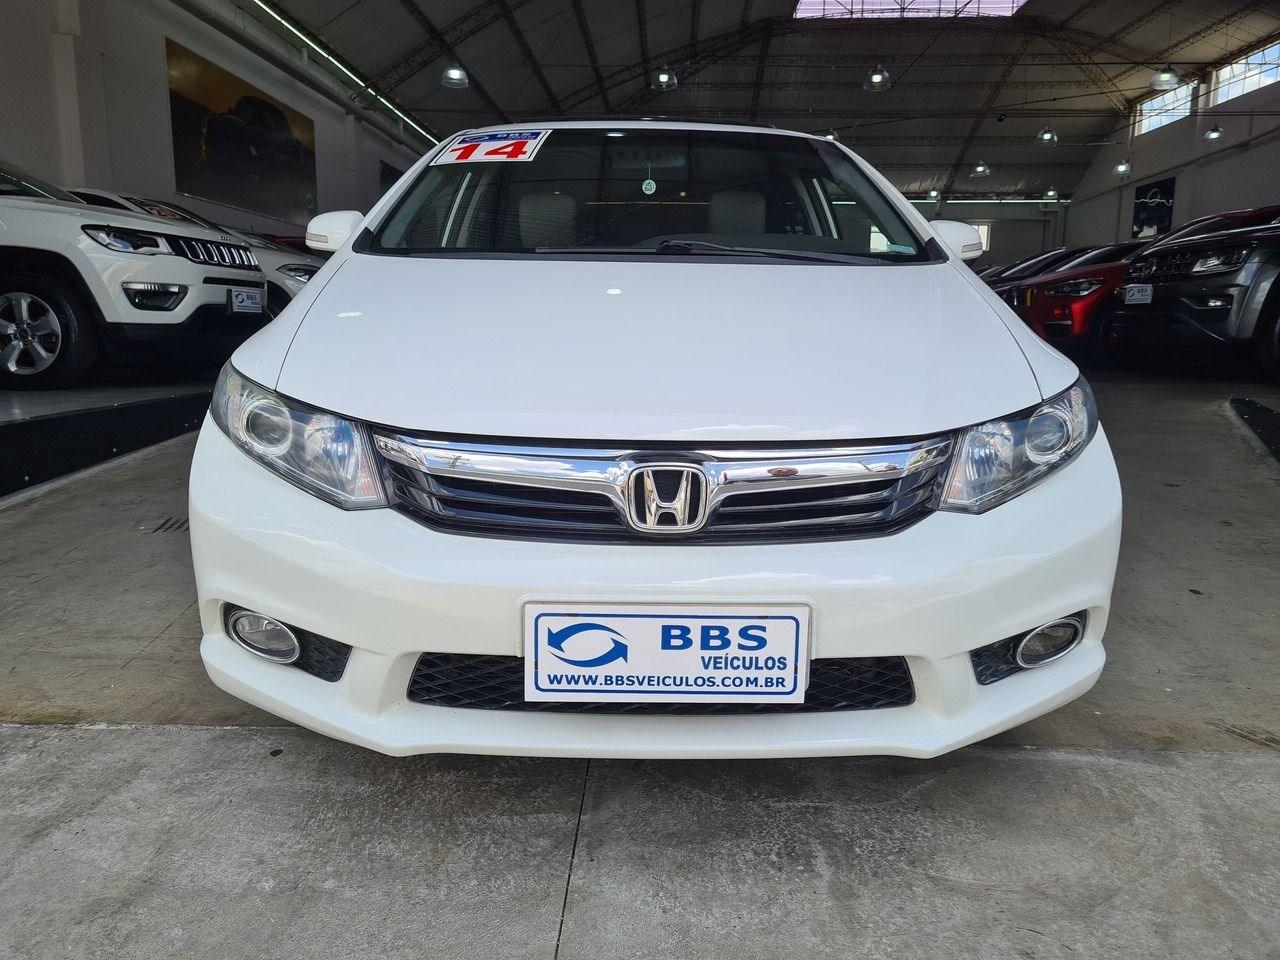 //www.autoline.com.br/carro/honda/civic-20-exr-16v-flex-4p-automatico/2014/sao-paulo-sp/13754306